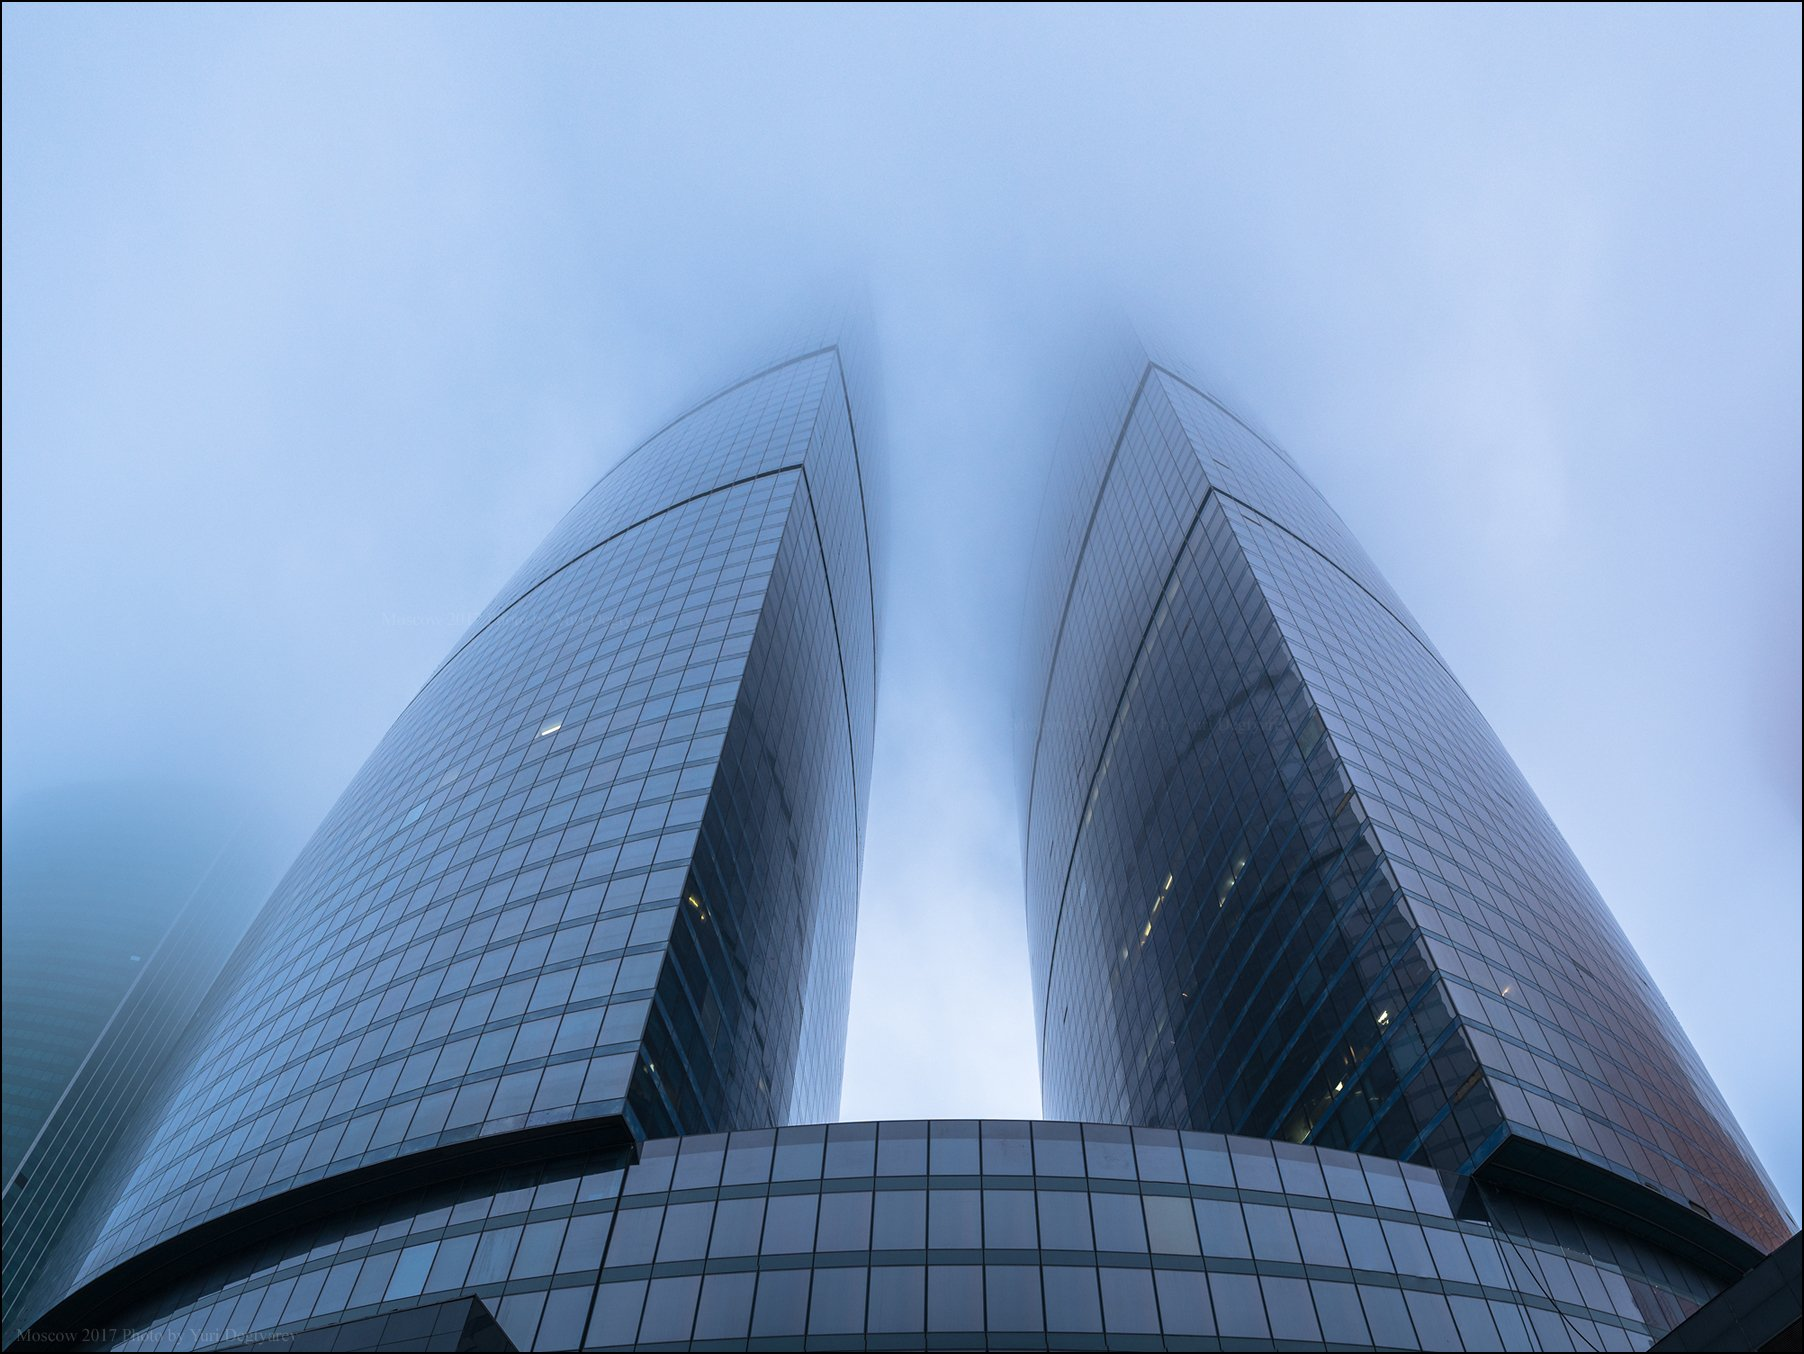 россия, город, москва, столица, сити, туман, небоскреб, высотка, башня, федерация, Юрий Дегтярёв